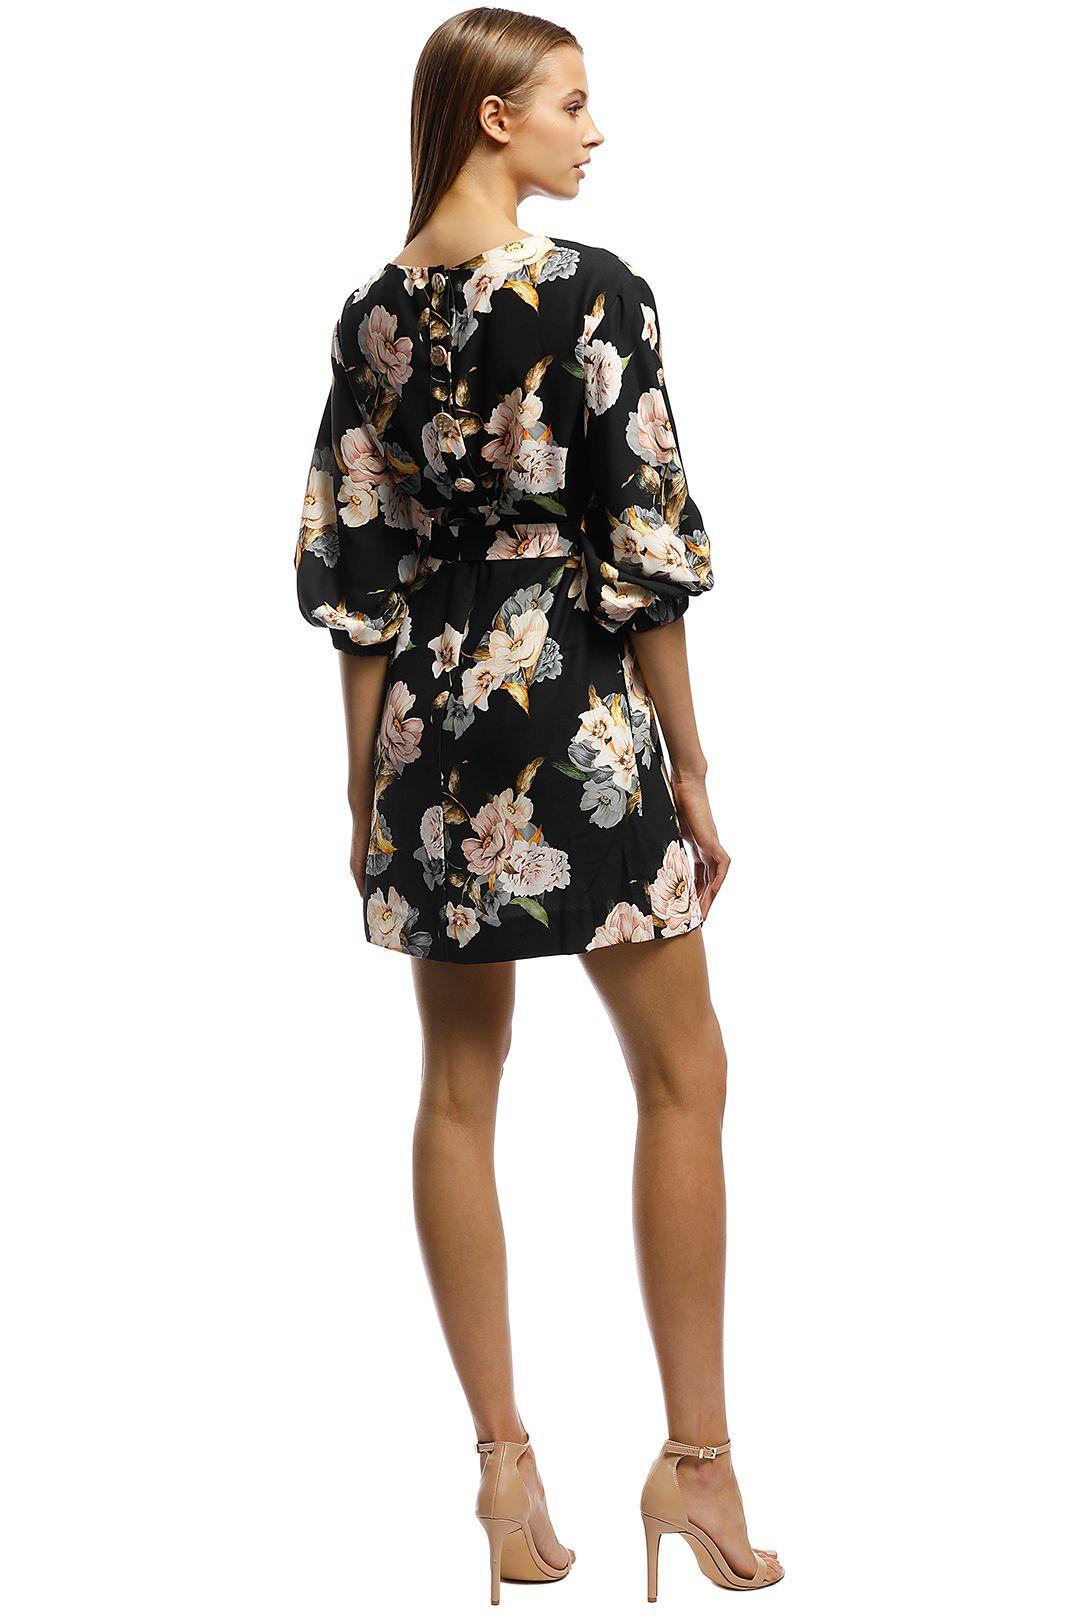 Rodeo Show-Natalia Mini Dress-Black Floral-Back